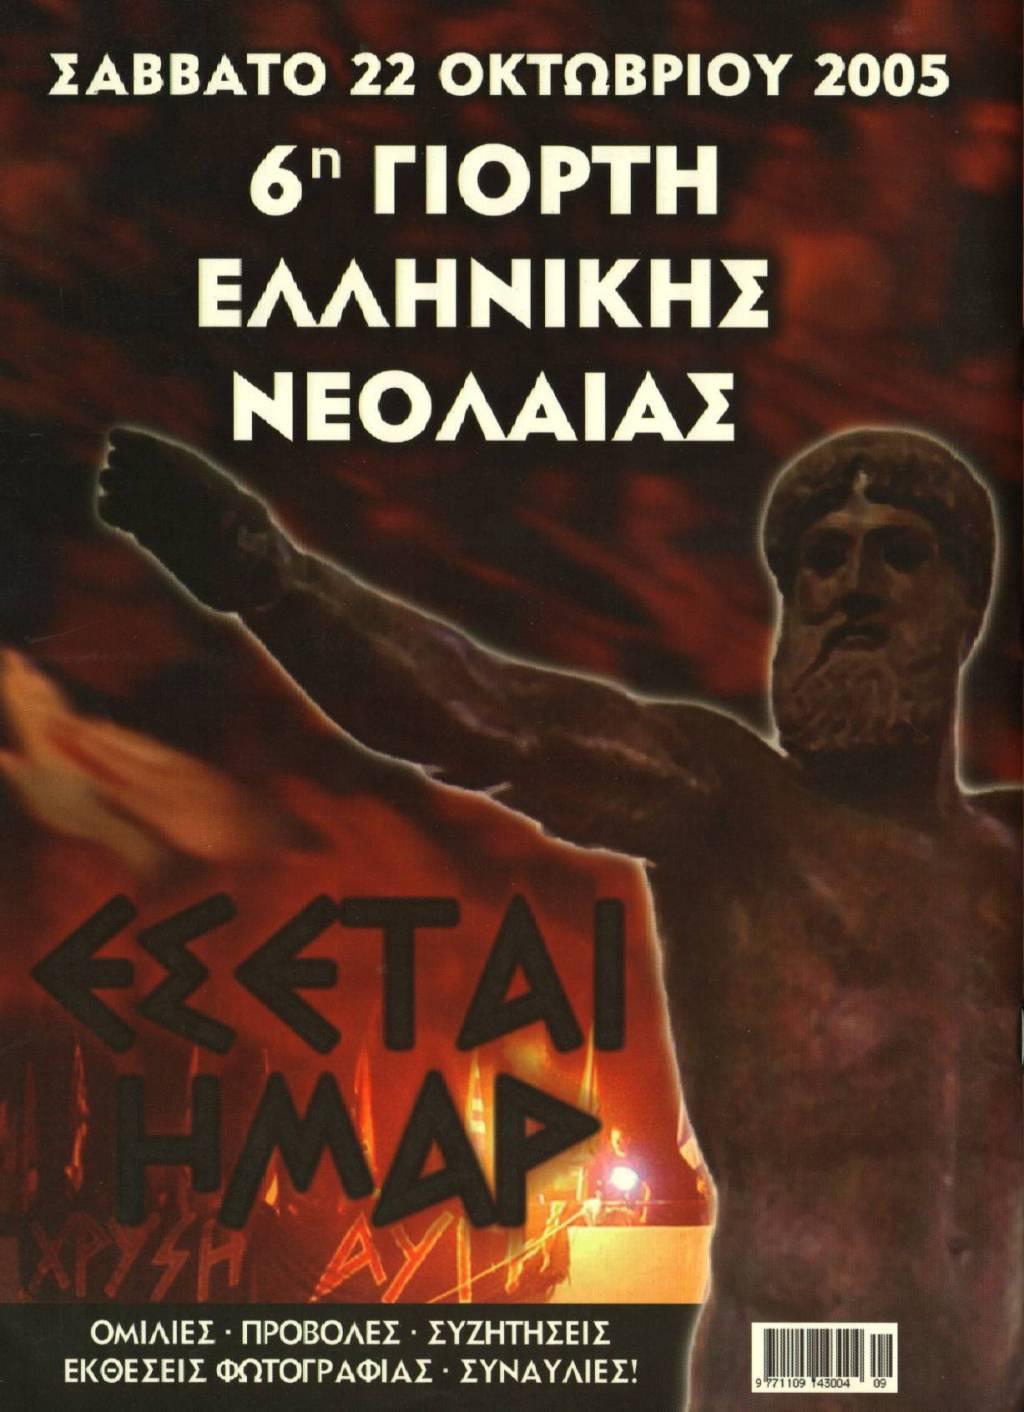 2005-10-22 - Αφίσα 6η Γιορτή Νεολαίας - ΑΝΤΕΠΙΘΕΣΗ, Α.Τ. 24, 09-2005, σελ. 44